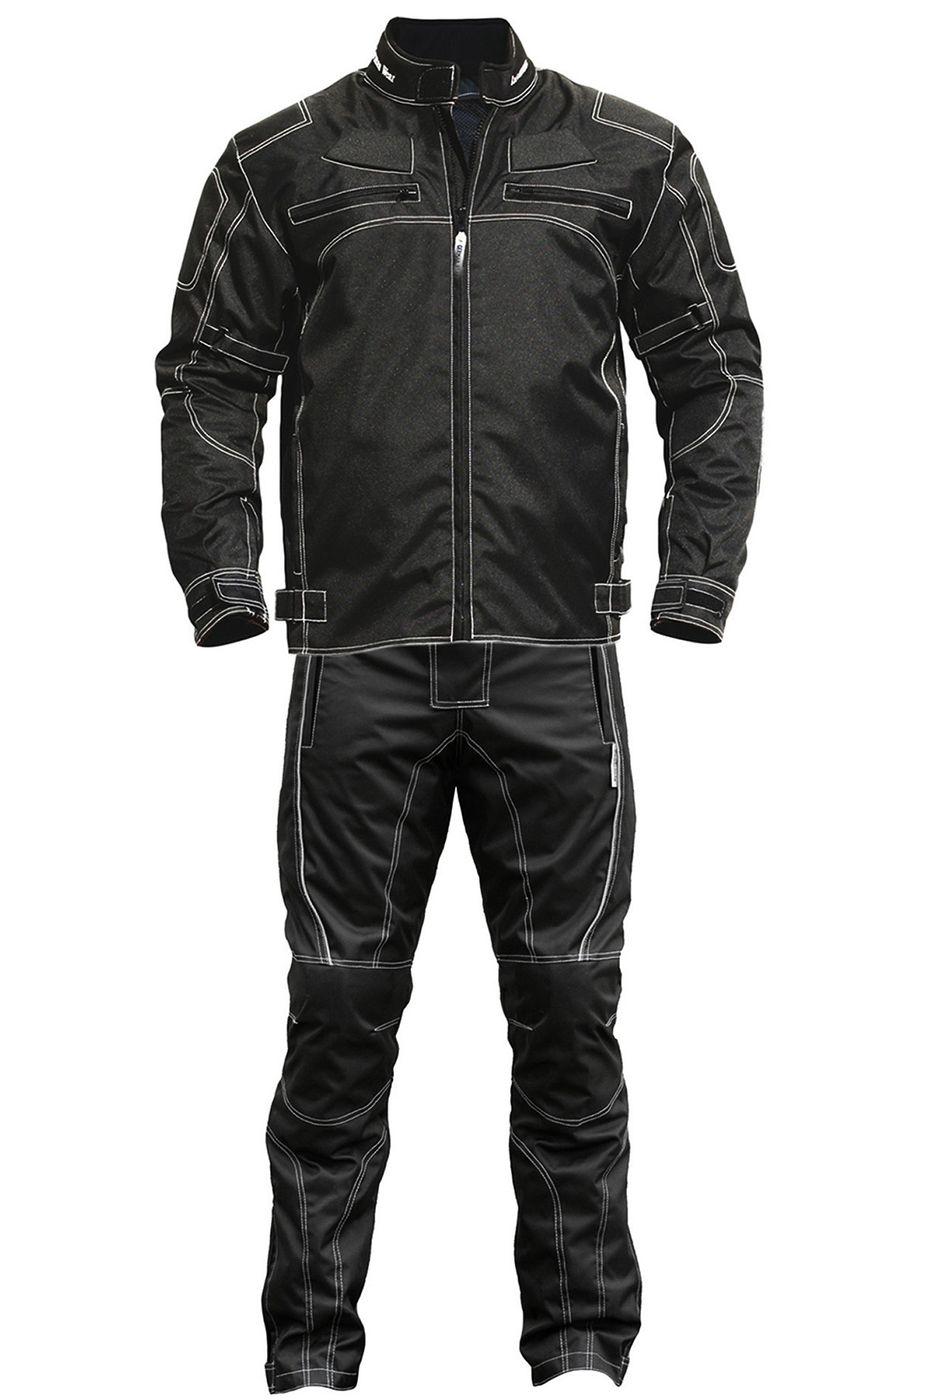 Gr/ö/ße:60//4XL BULLDT 2-teiler Motorradkombi Cordura Textilien Motorradjacke Motorradhose